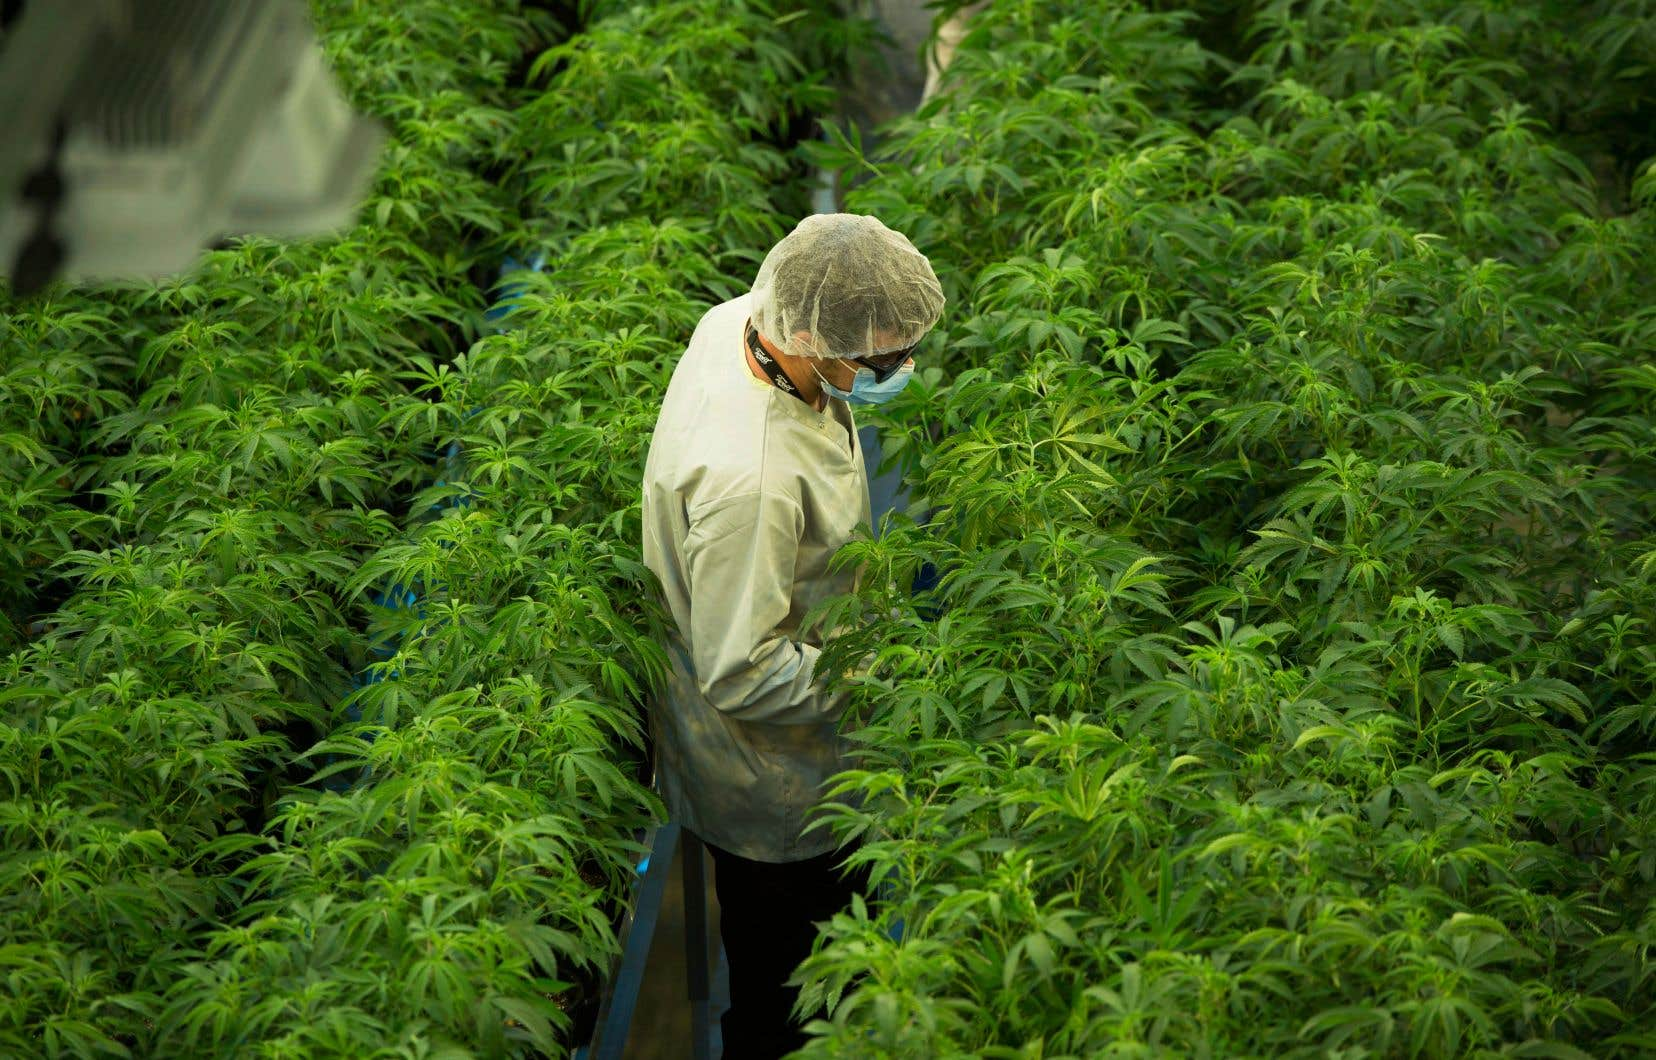 Canopy Growth, un producteur basé en Ontario, regroupe plusieurs entreprises dans le domaine du cannabis et a participé au financement du Registre cannabis Québec. L'entreprise est désormais le plus gros producteur de cannabis au monde.